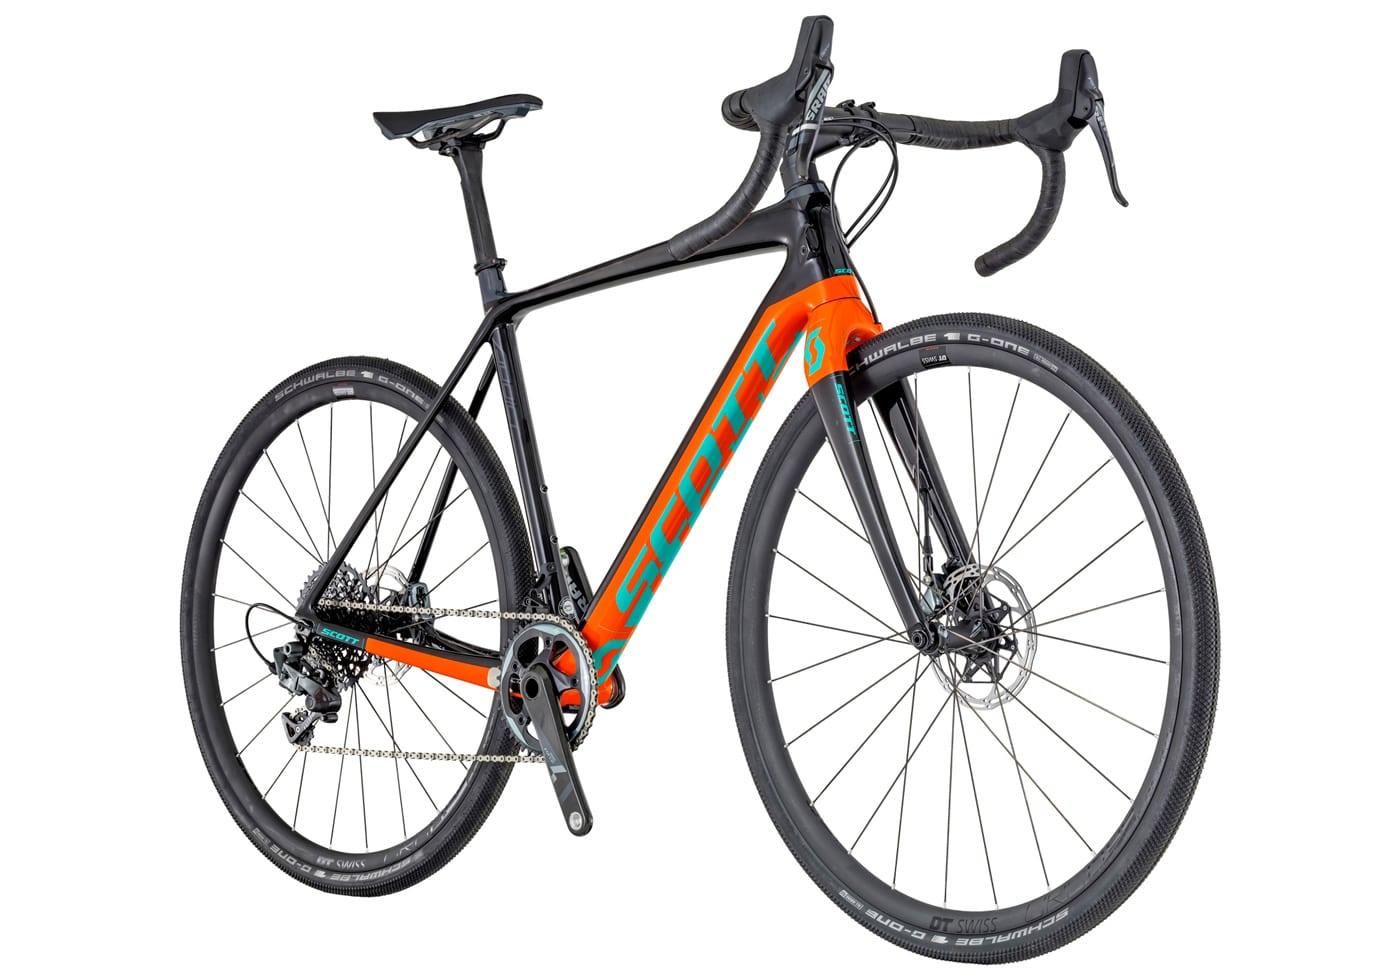 Bicicleta Scott Addict Gravel 10 Disc 2018